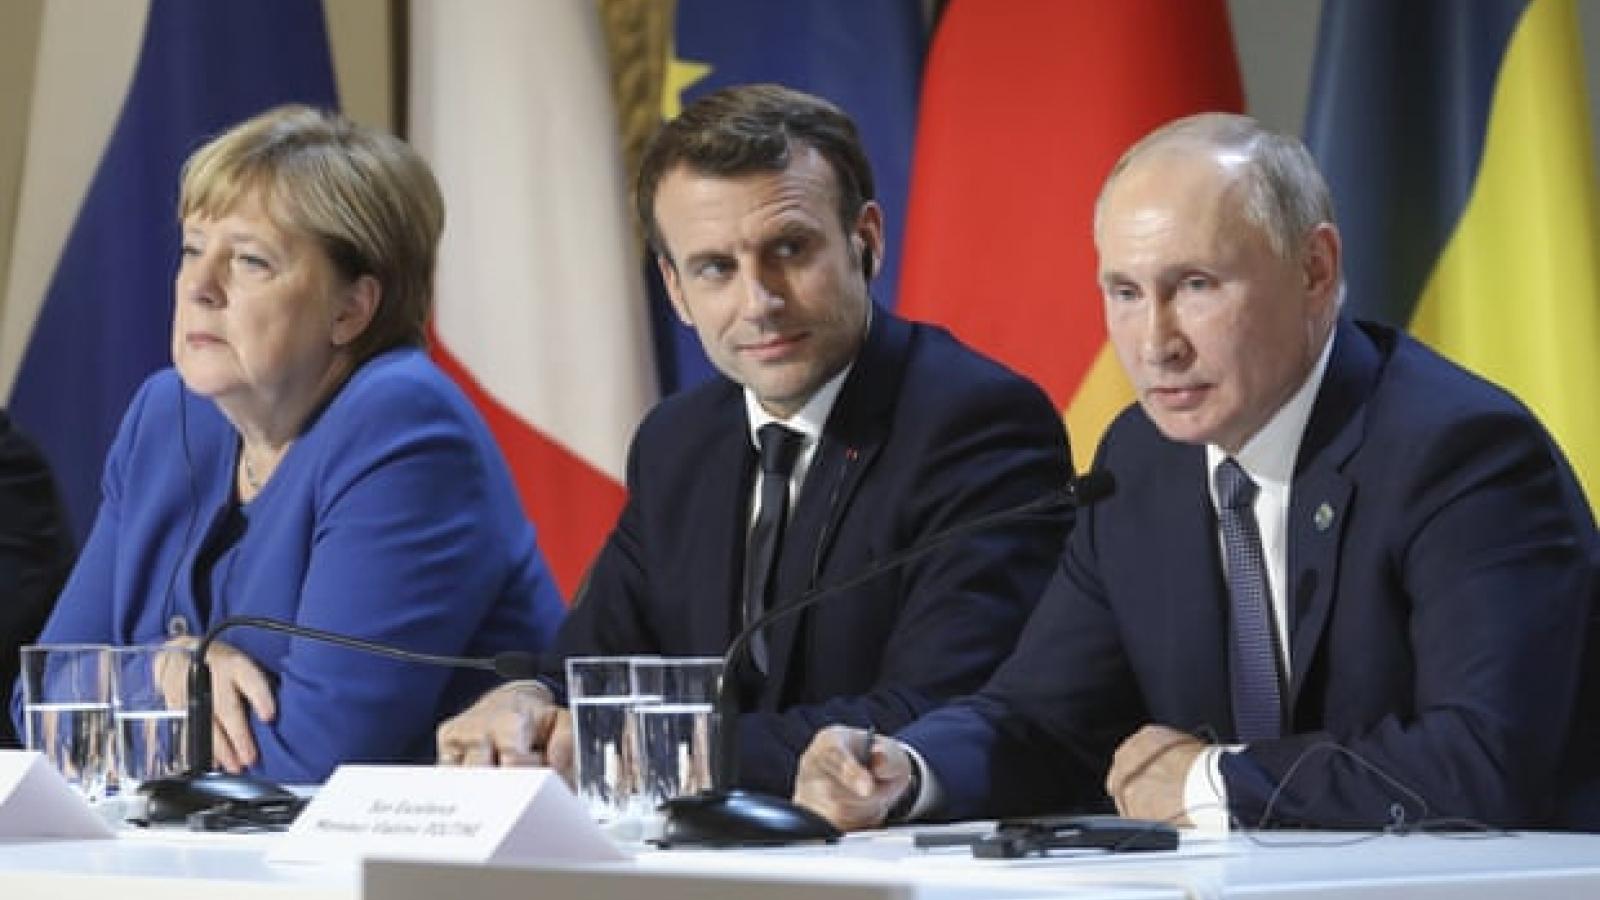 Pháp và Đức đề xuất EU họp thượng đỉnh với Nga